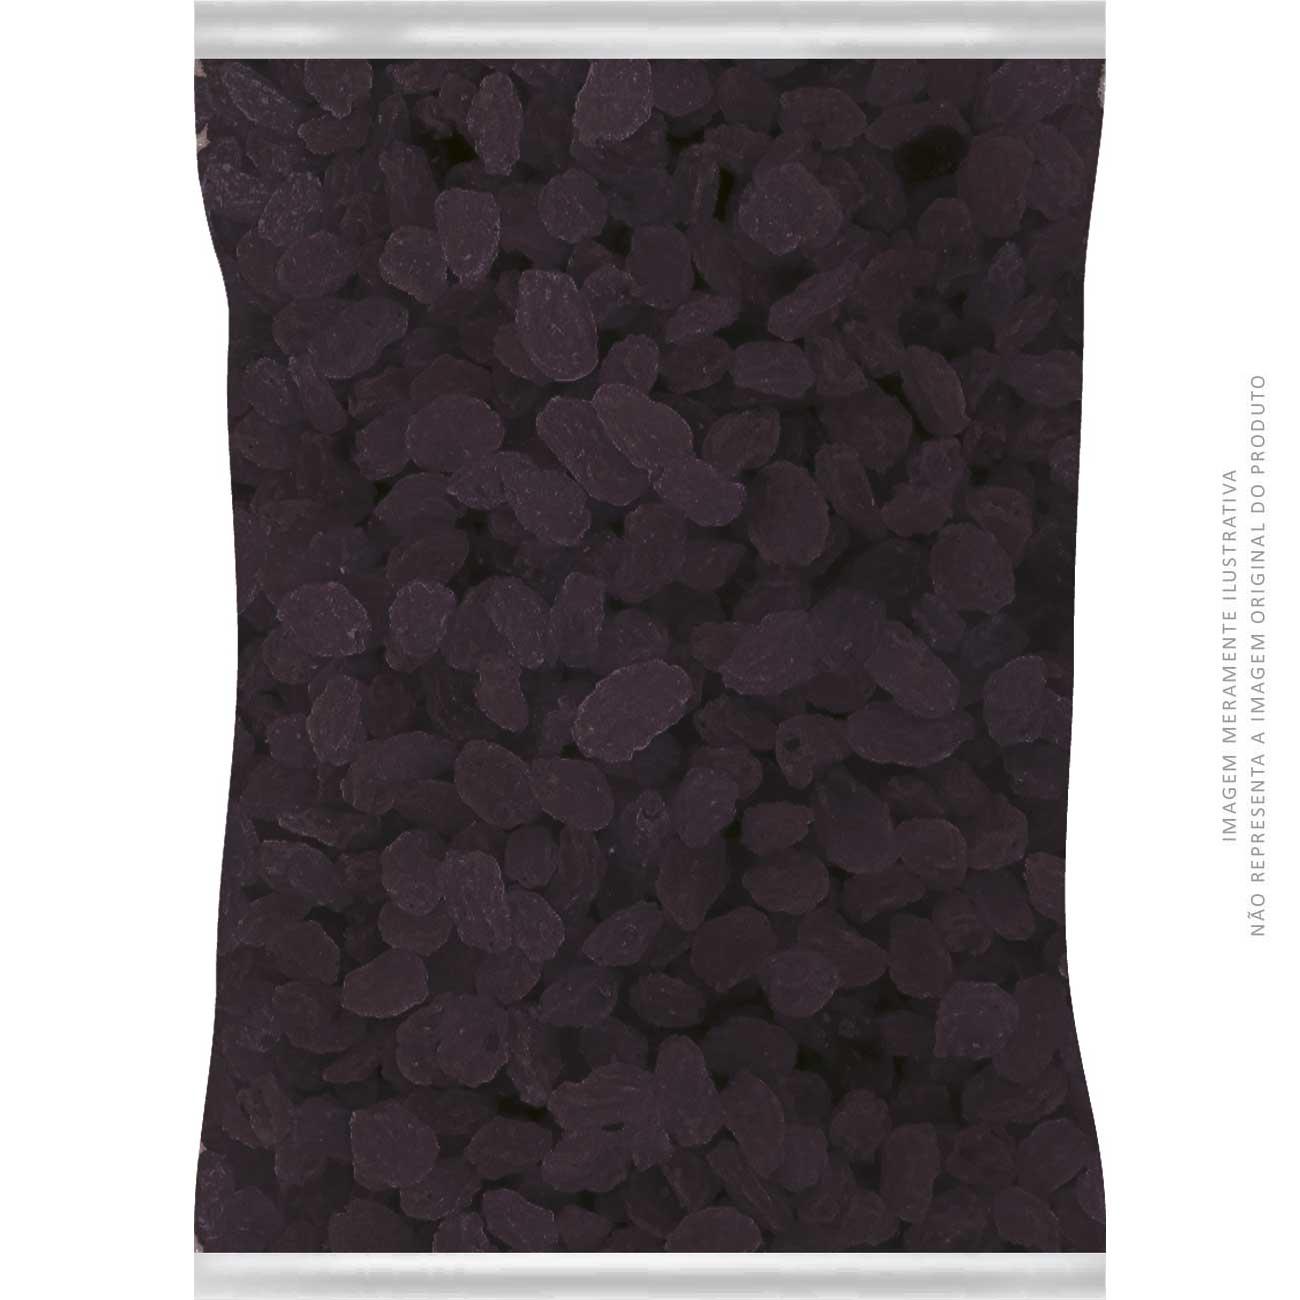 Uva Passa Escura Dunorte Sem Caroço 1,005kg